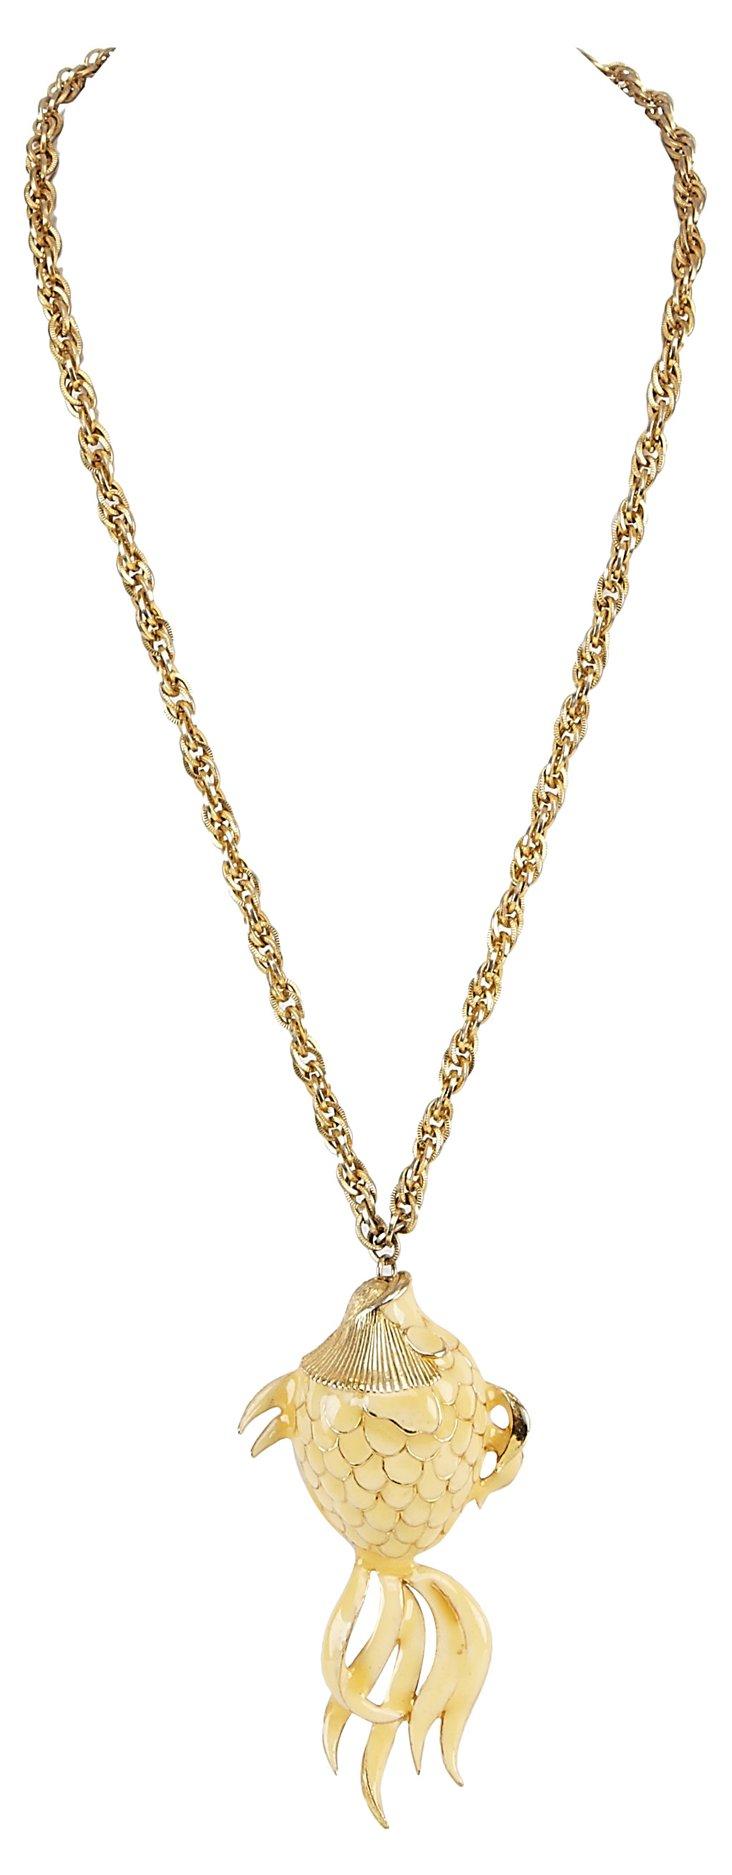 Enamel Fish Pendant Necklace